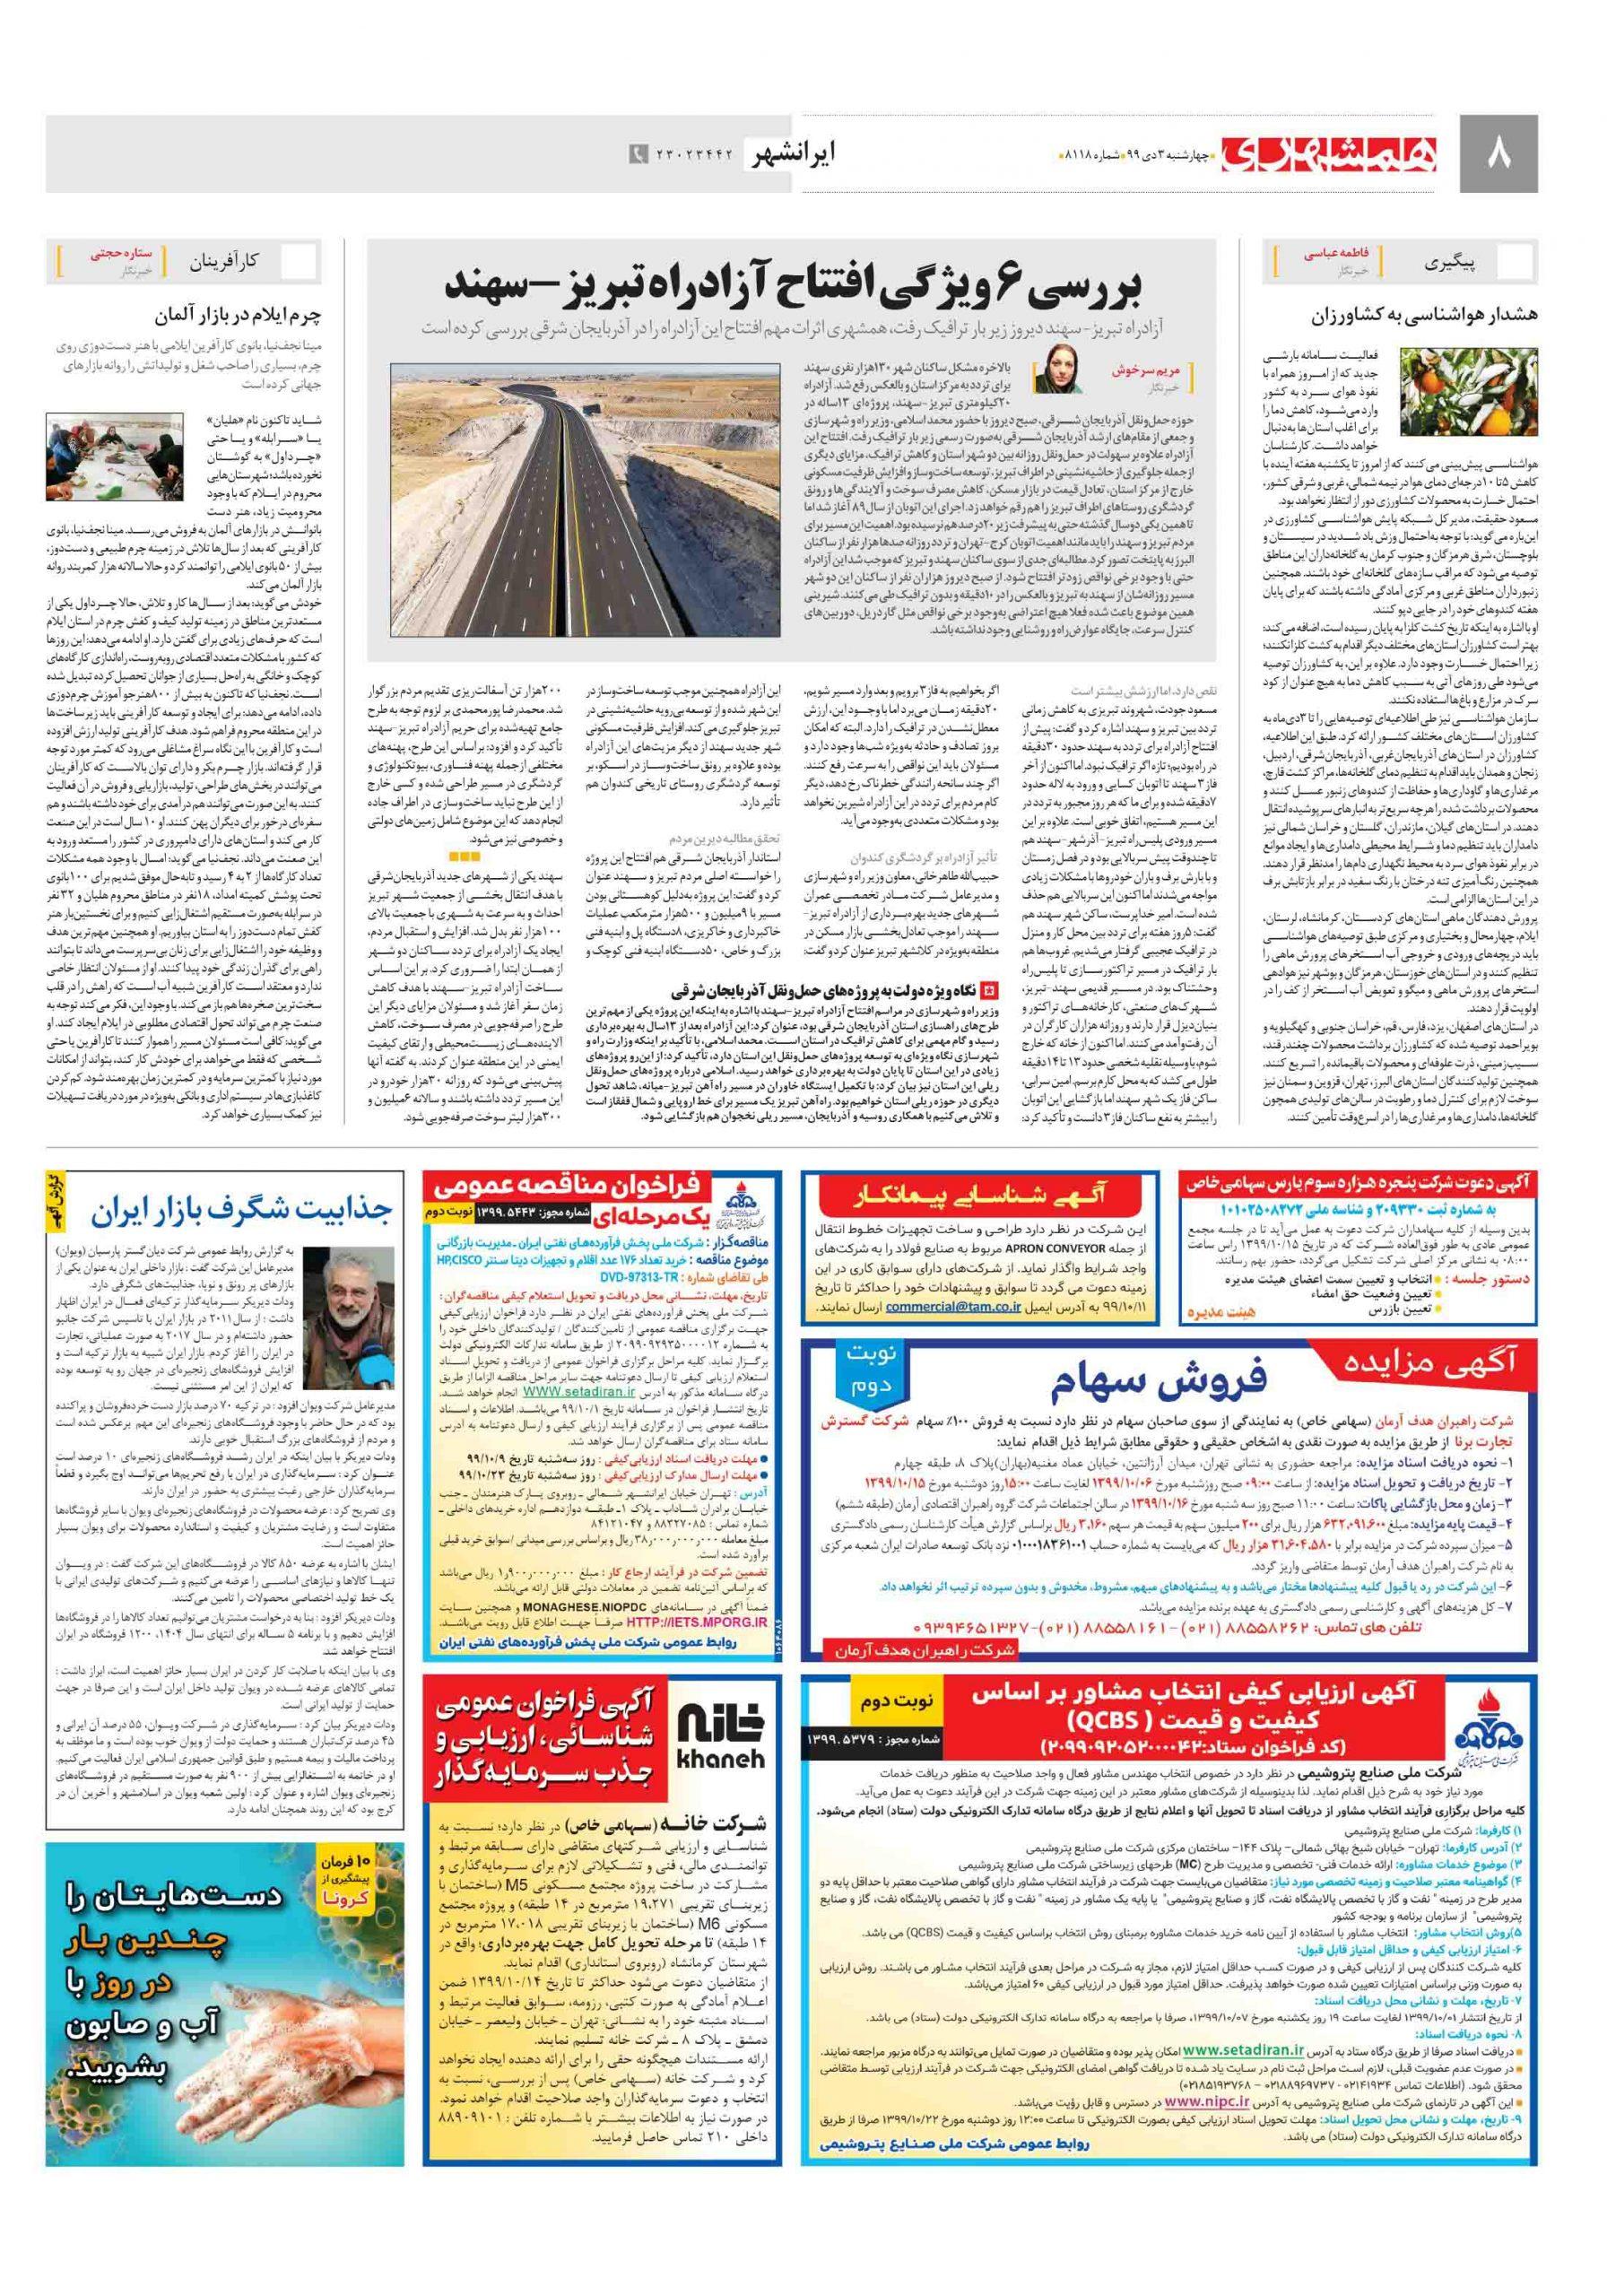 مصاحبه مدیرعامل فروشگاه های زنجیره ای ویوان در روزنامه همشهری